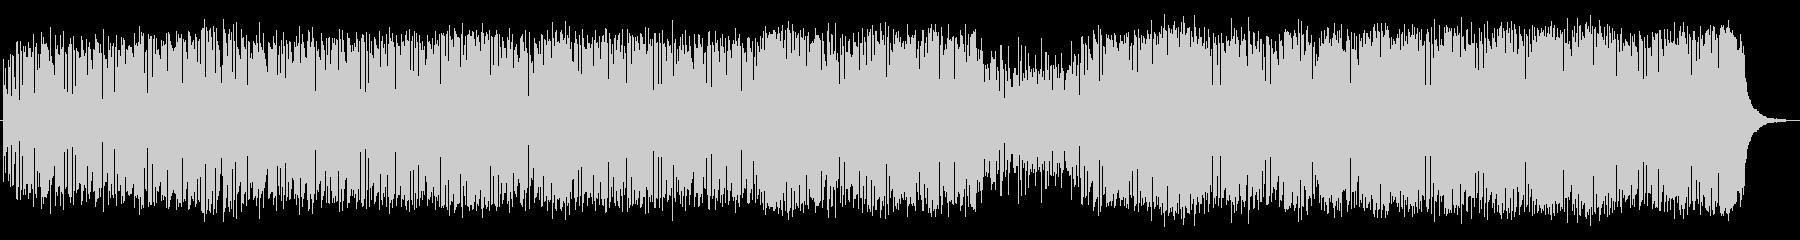 パーカッシヴなジャズ・ファンクの未再生の波形